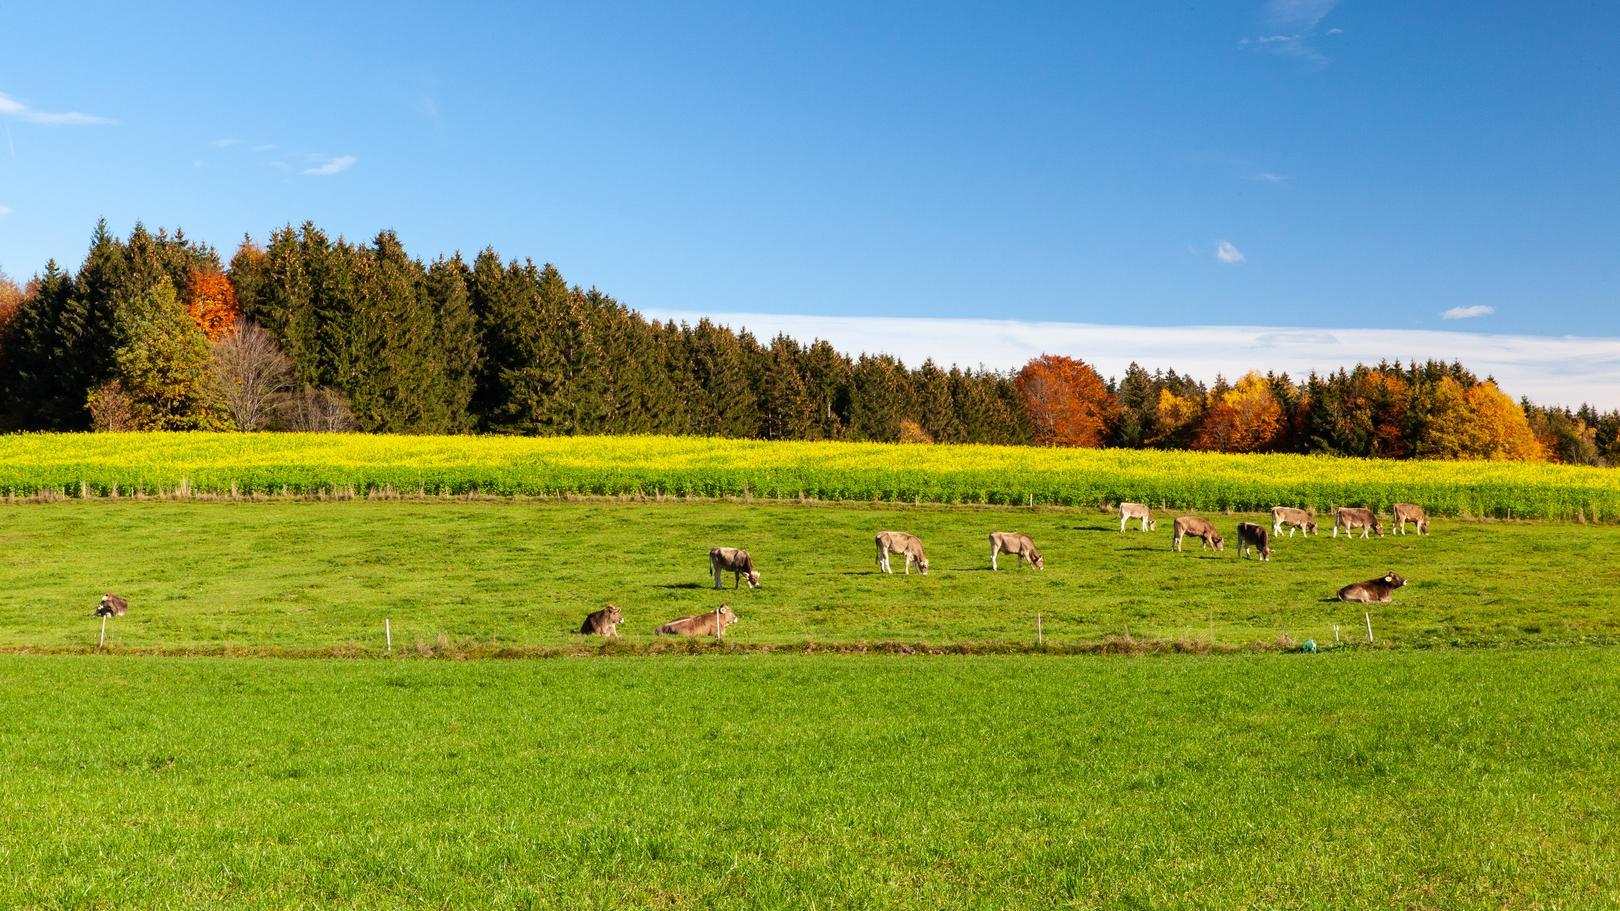 Über Viehwirtschaft, Gülle und Kunstdünger gelangt Nitrat ins Grundwasser